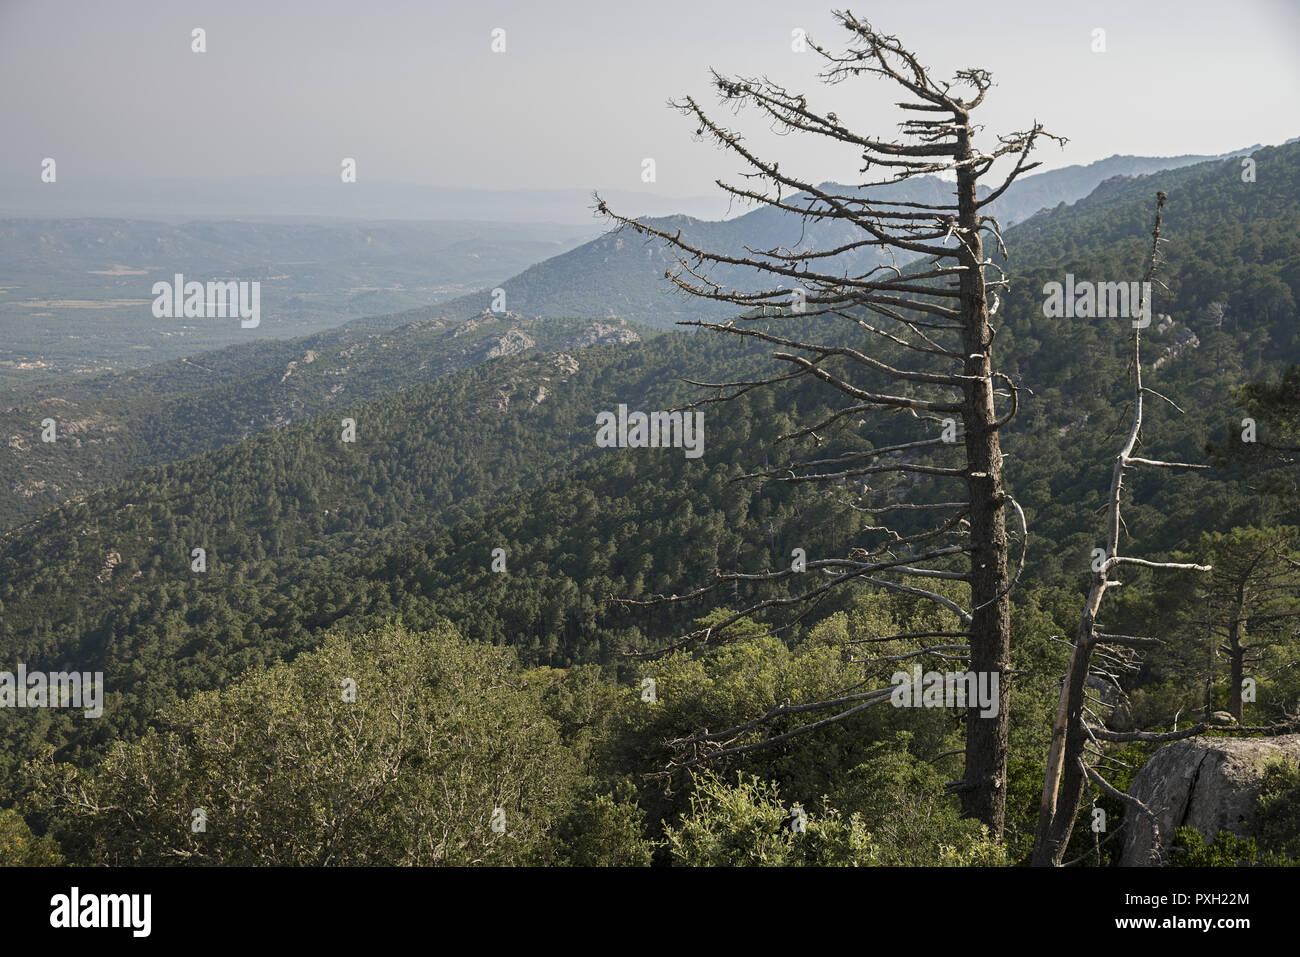 A dry tree against the backdrop of green hills in Eastern Corsica. Ein trockener Baum vor dem Hintergrund der grünen Hügel in Korsika. Suche drzewo. Stock Photo